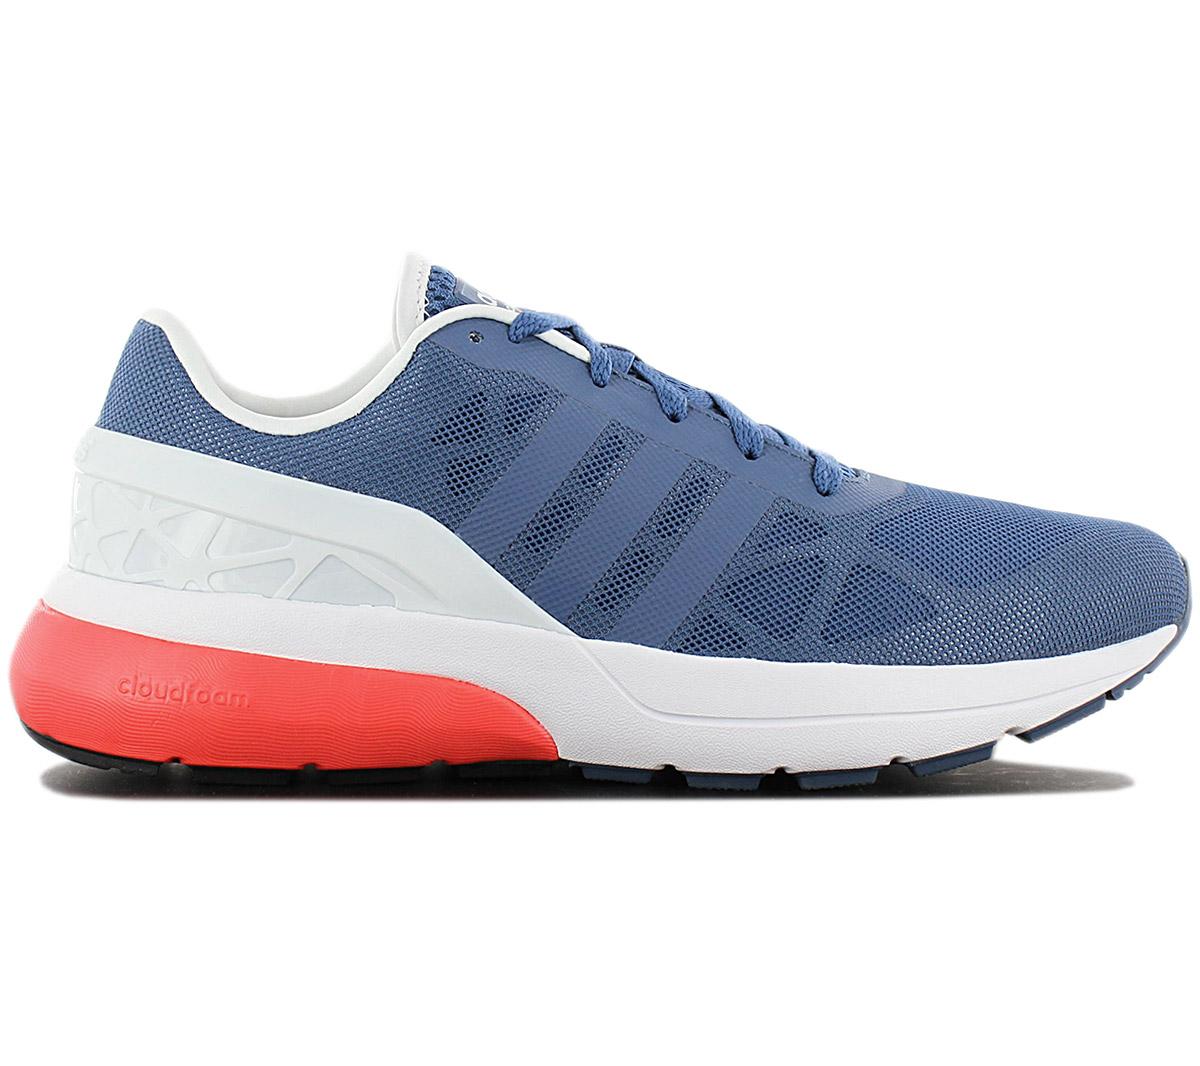 Details zu adidas CloudFoam Flow Herren Schuhe AQ1314 Blau Sportschuhe Laufschuhe Fitness